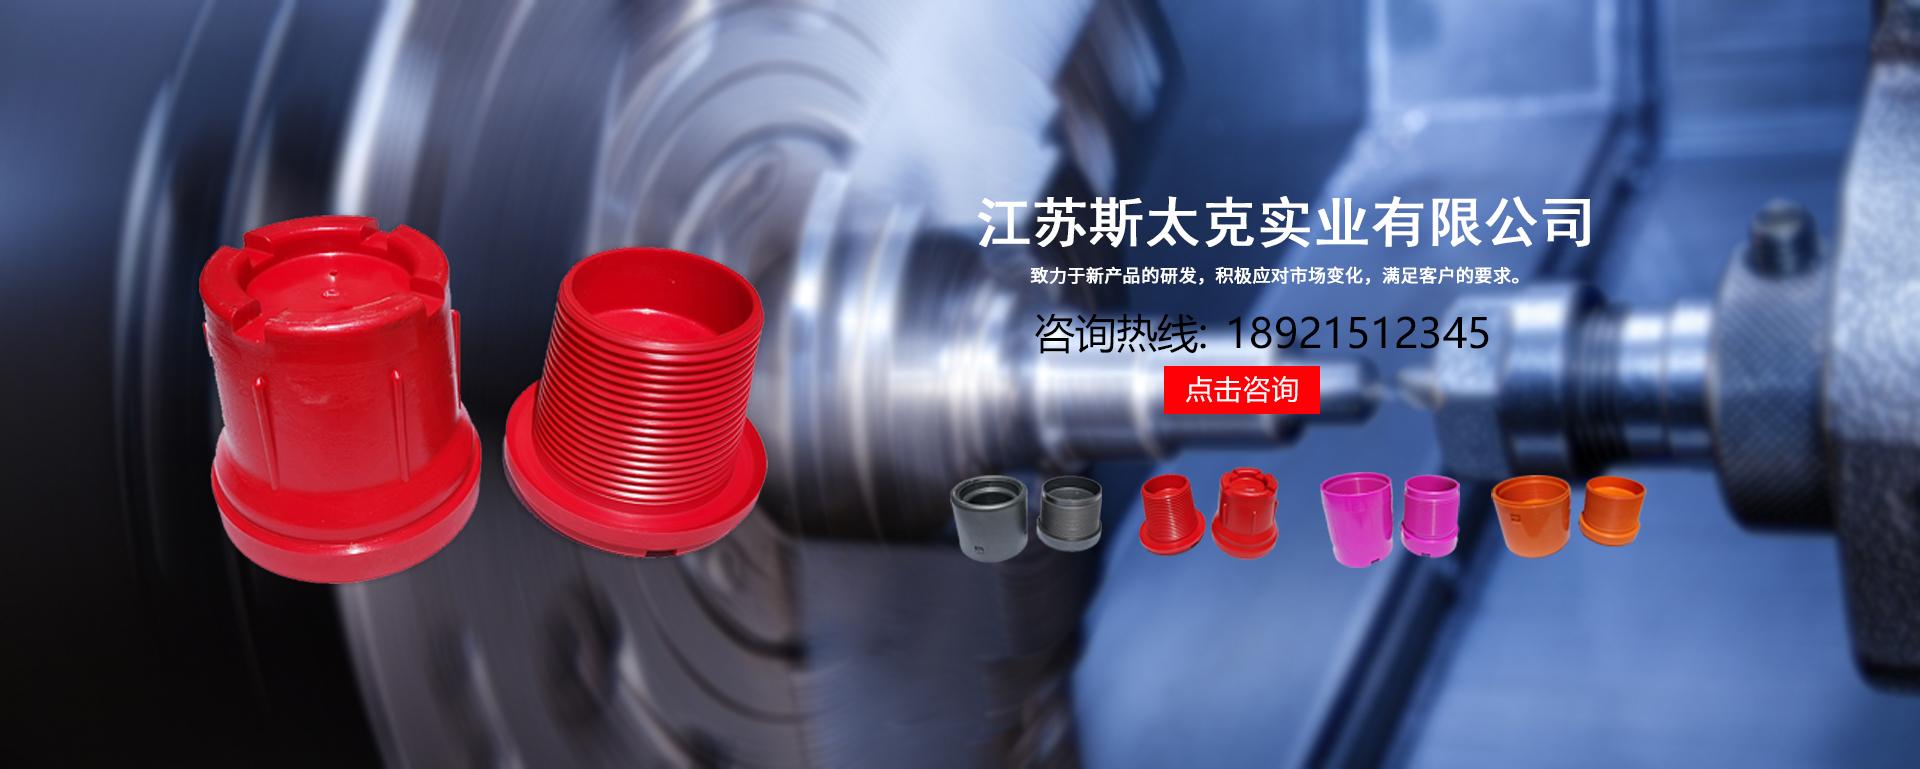 螺纹保护器价格